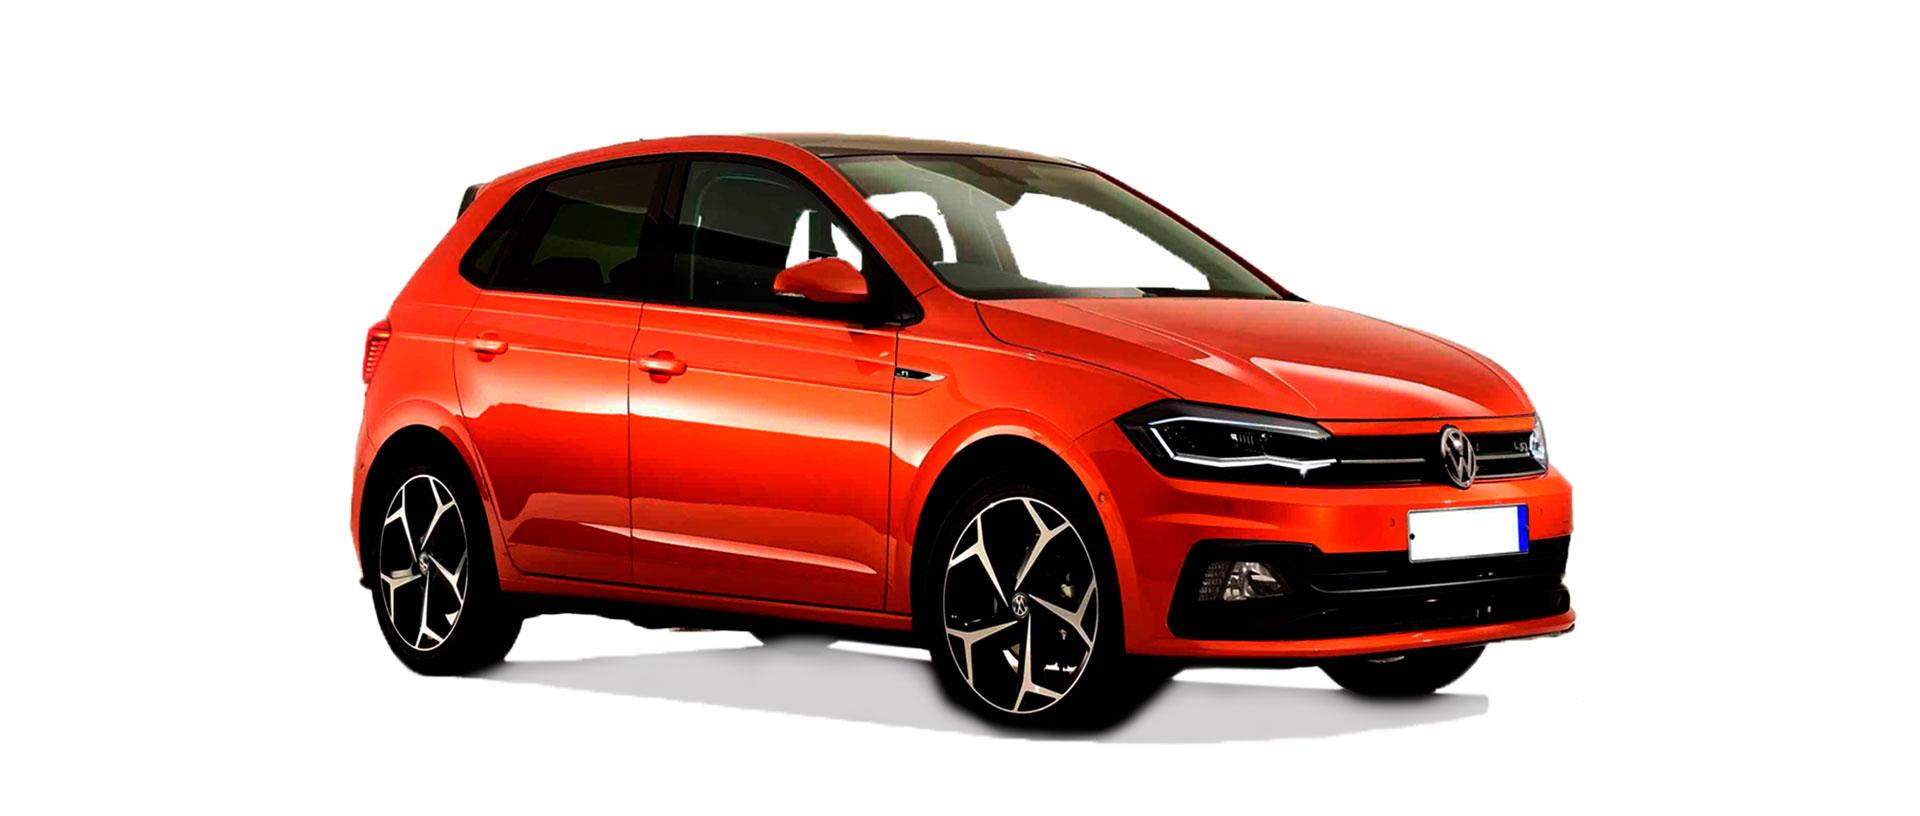 Alquiler de un Volkswagen Polo